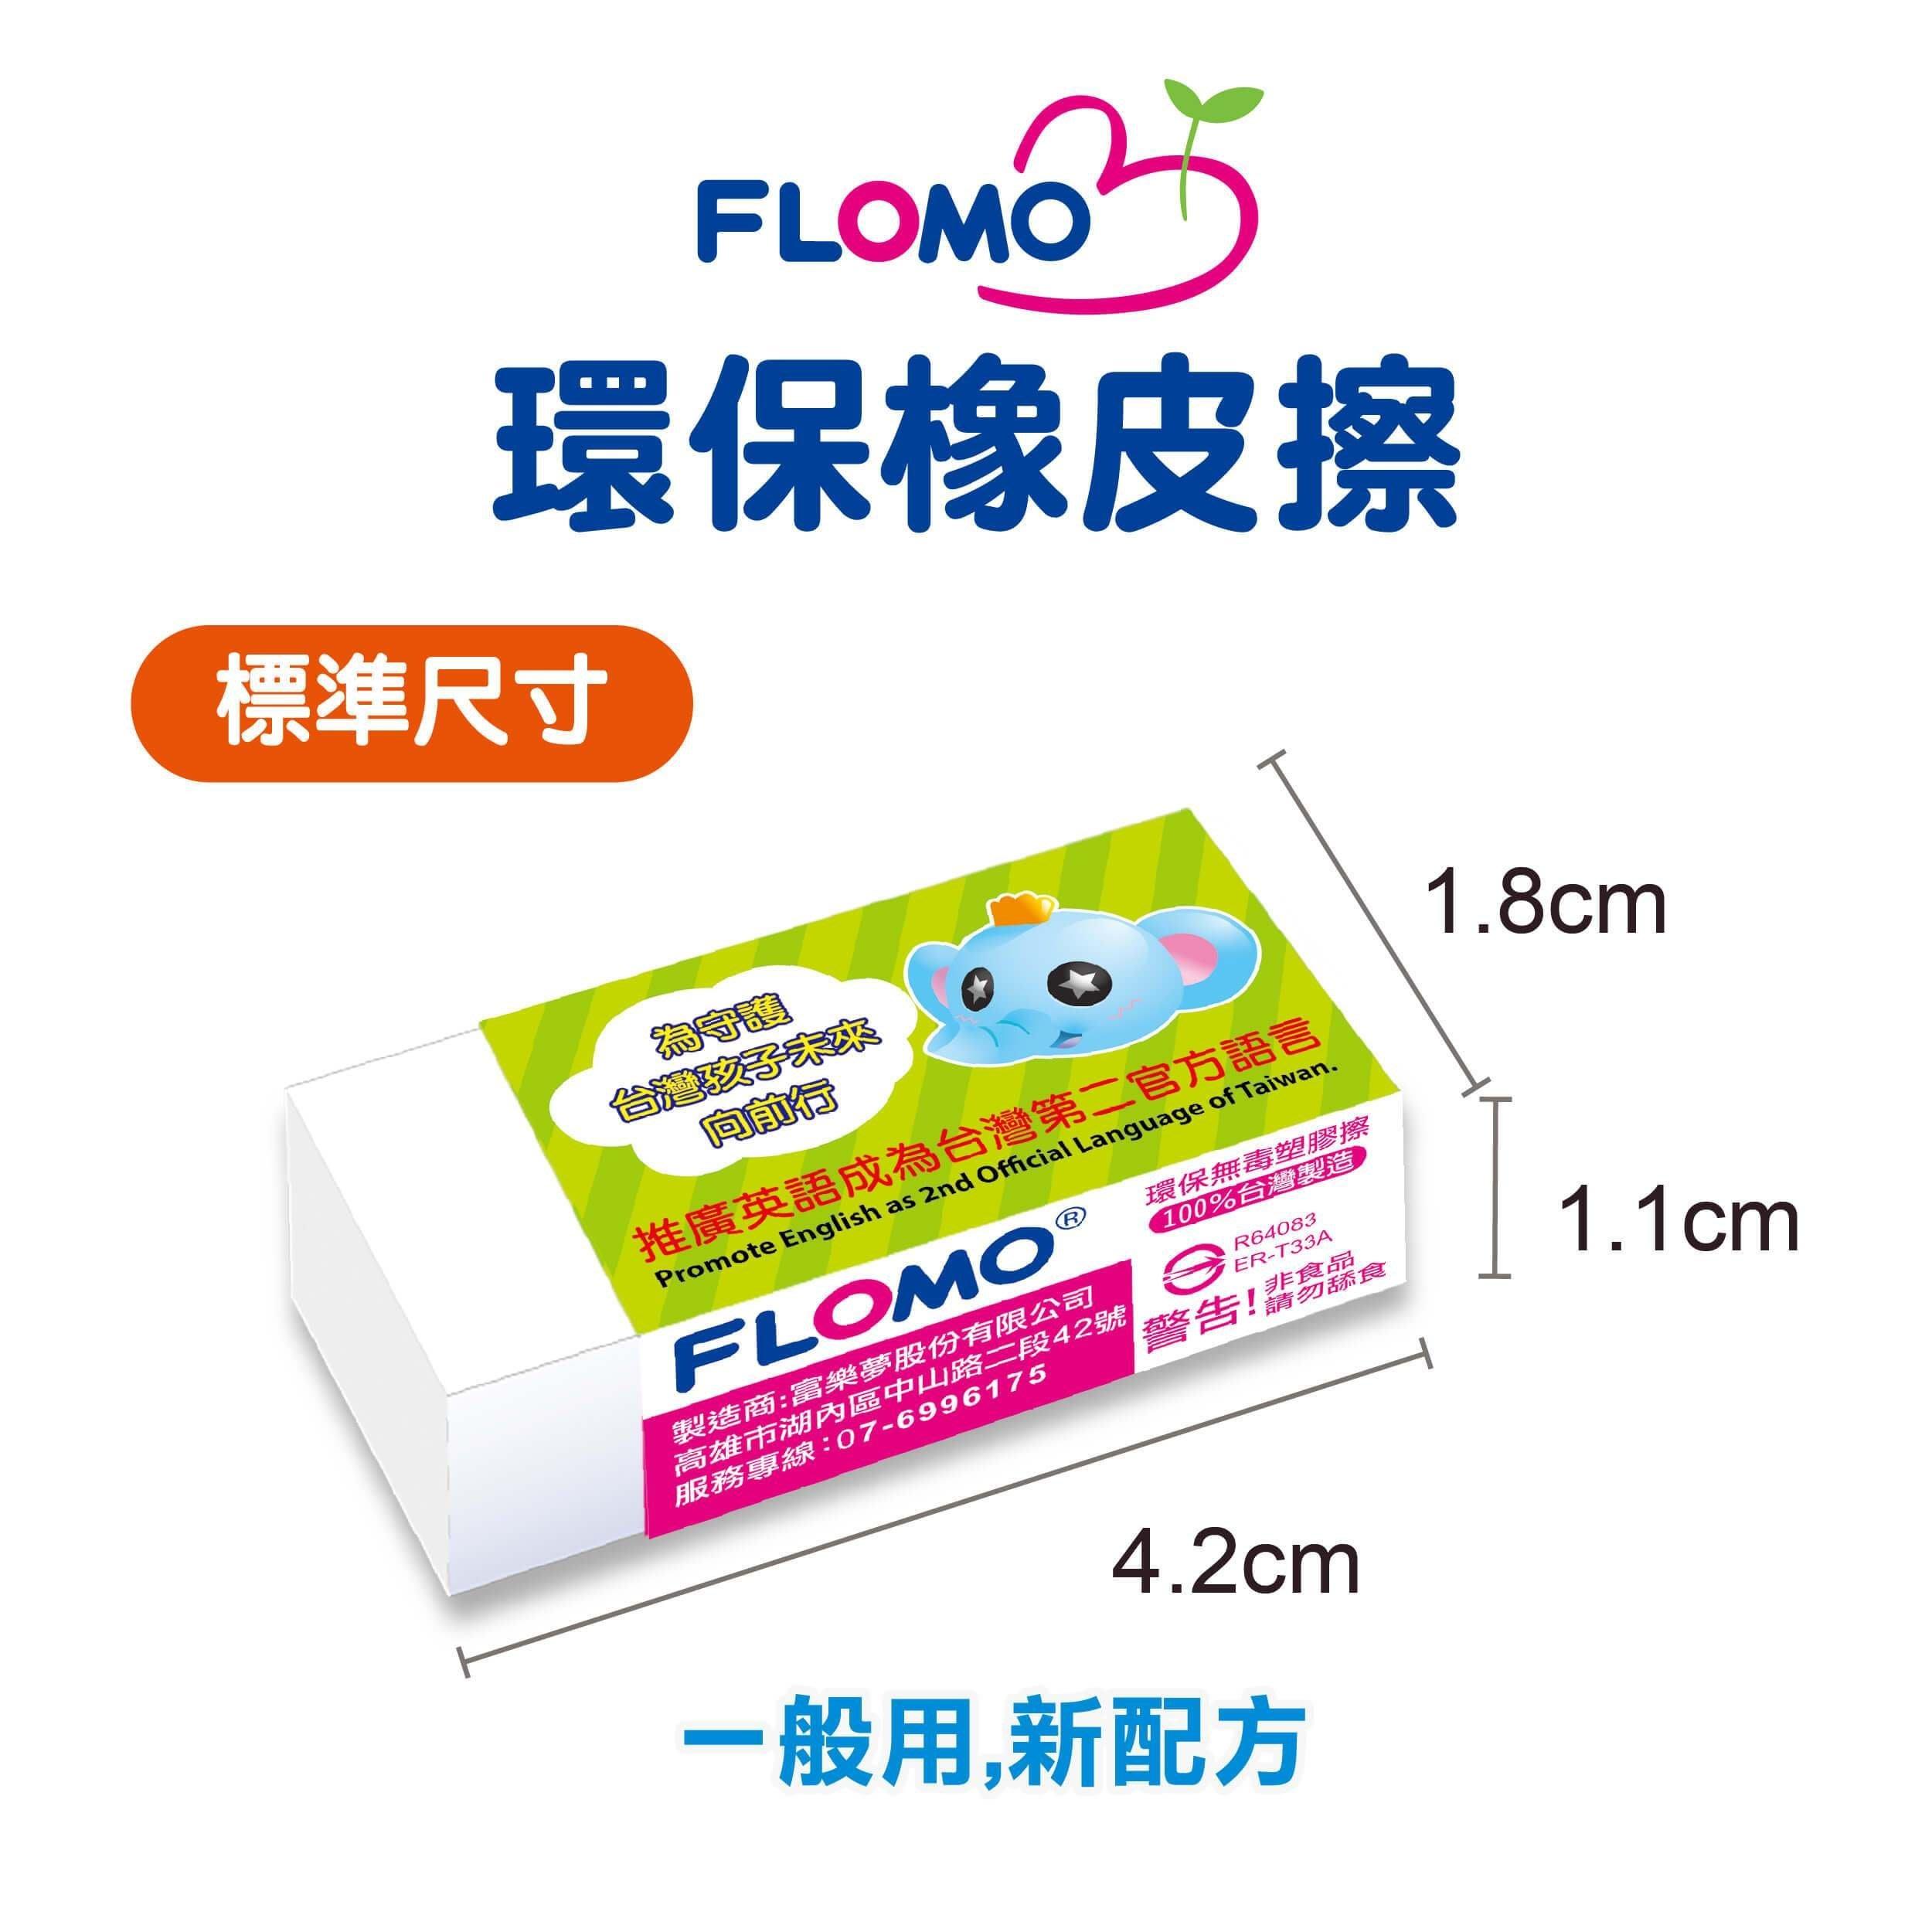 富樂夢 FLOMO 環保橡皮擦1入 擦子 環保 無毒 環保無毒橡皮擦 台灣製 獎勵品 小禮物 贈品 安全擦子 富樂夢擦子